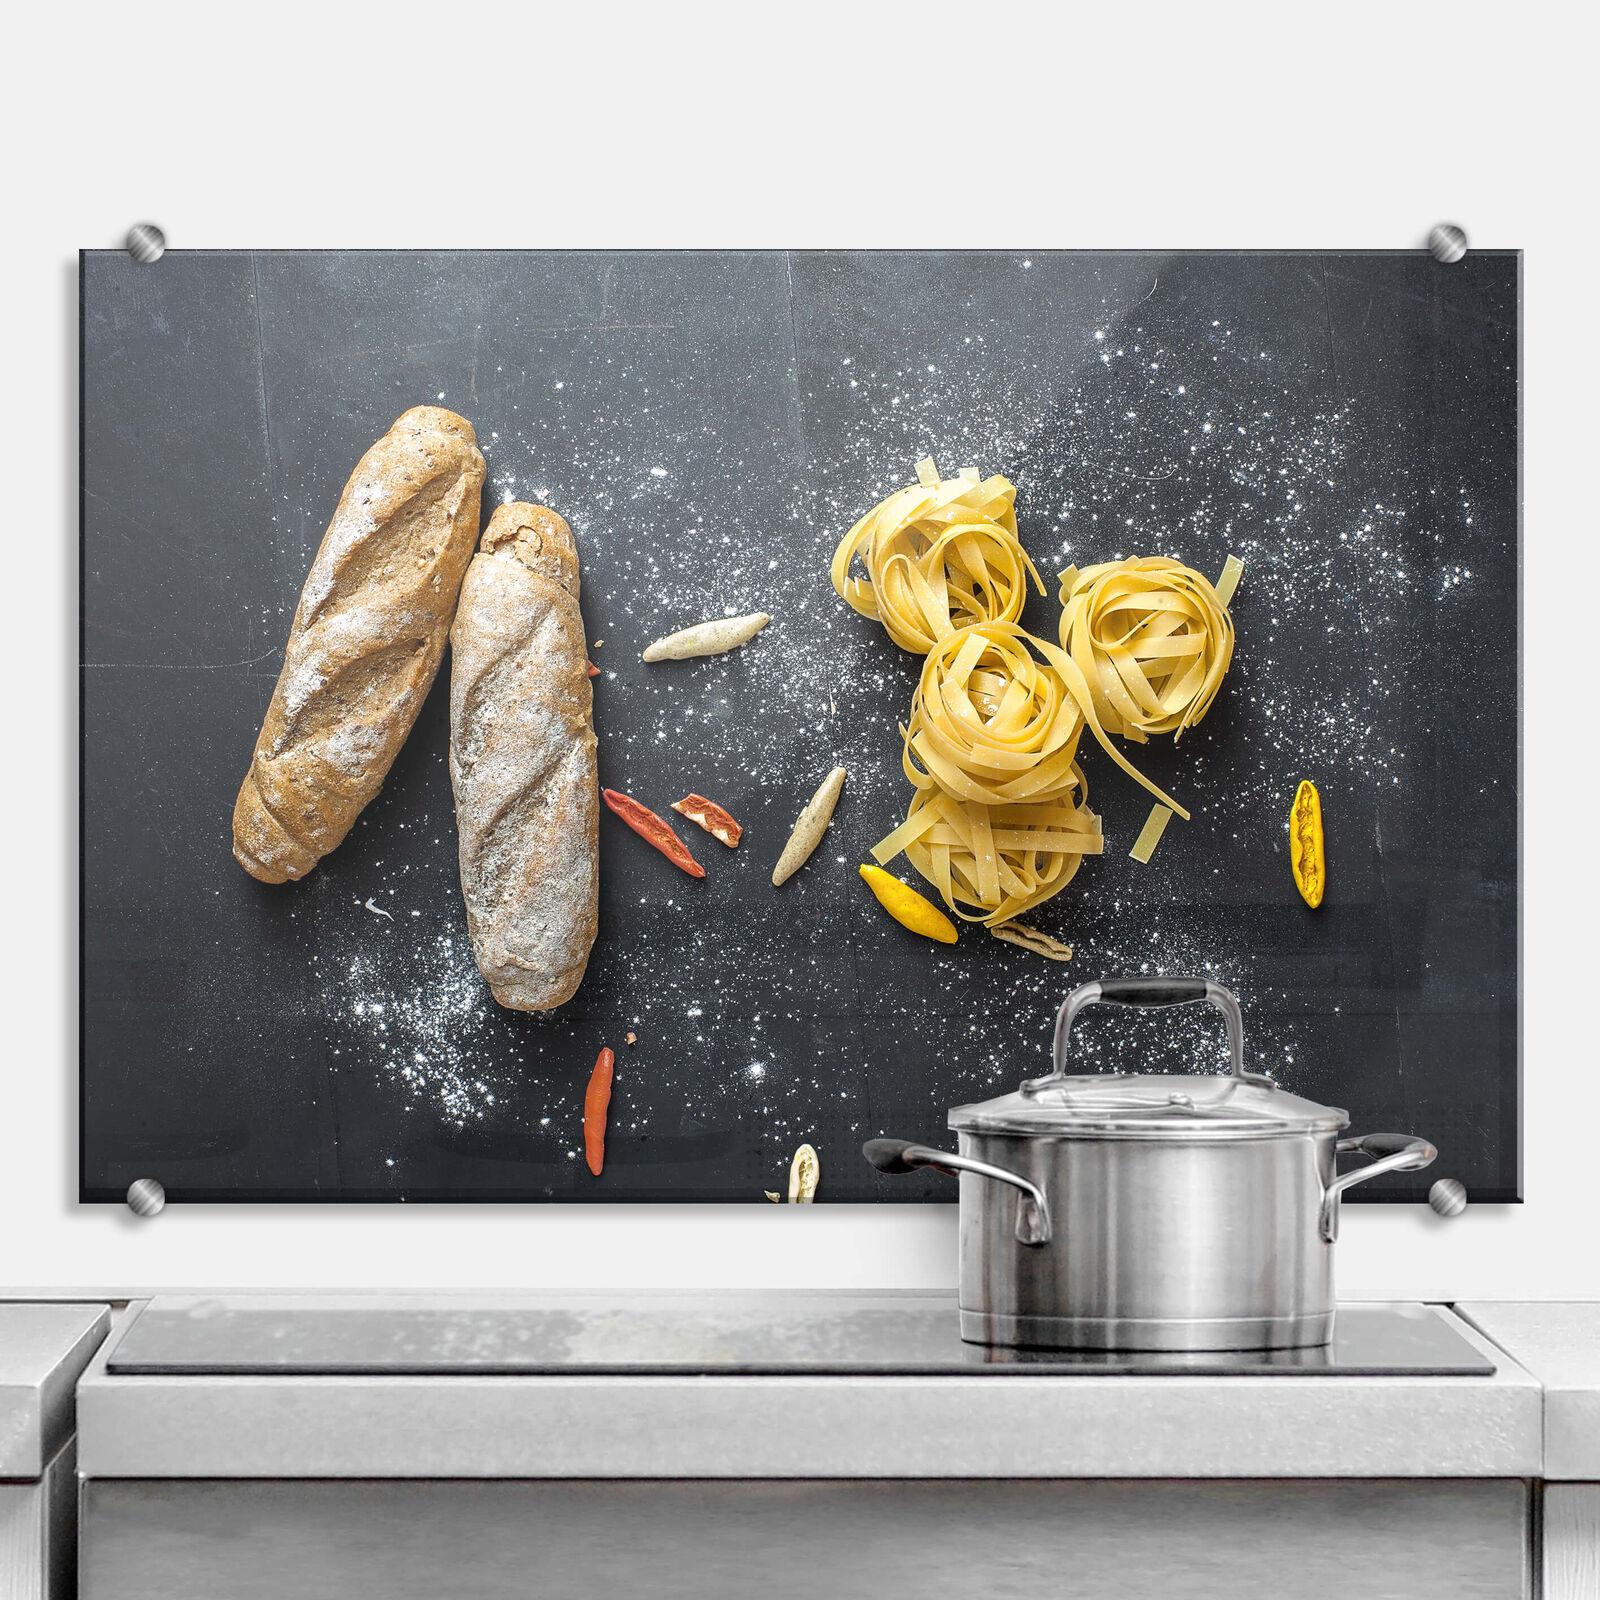 Spritzschutz Bread and Pasta KÜCHENRÜCKWAND ESG SICHERHEITSGLAS WAND DEKO KÜCHE